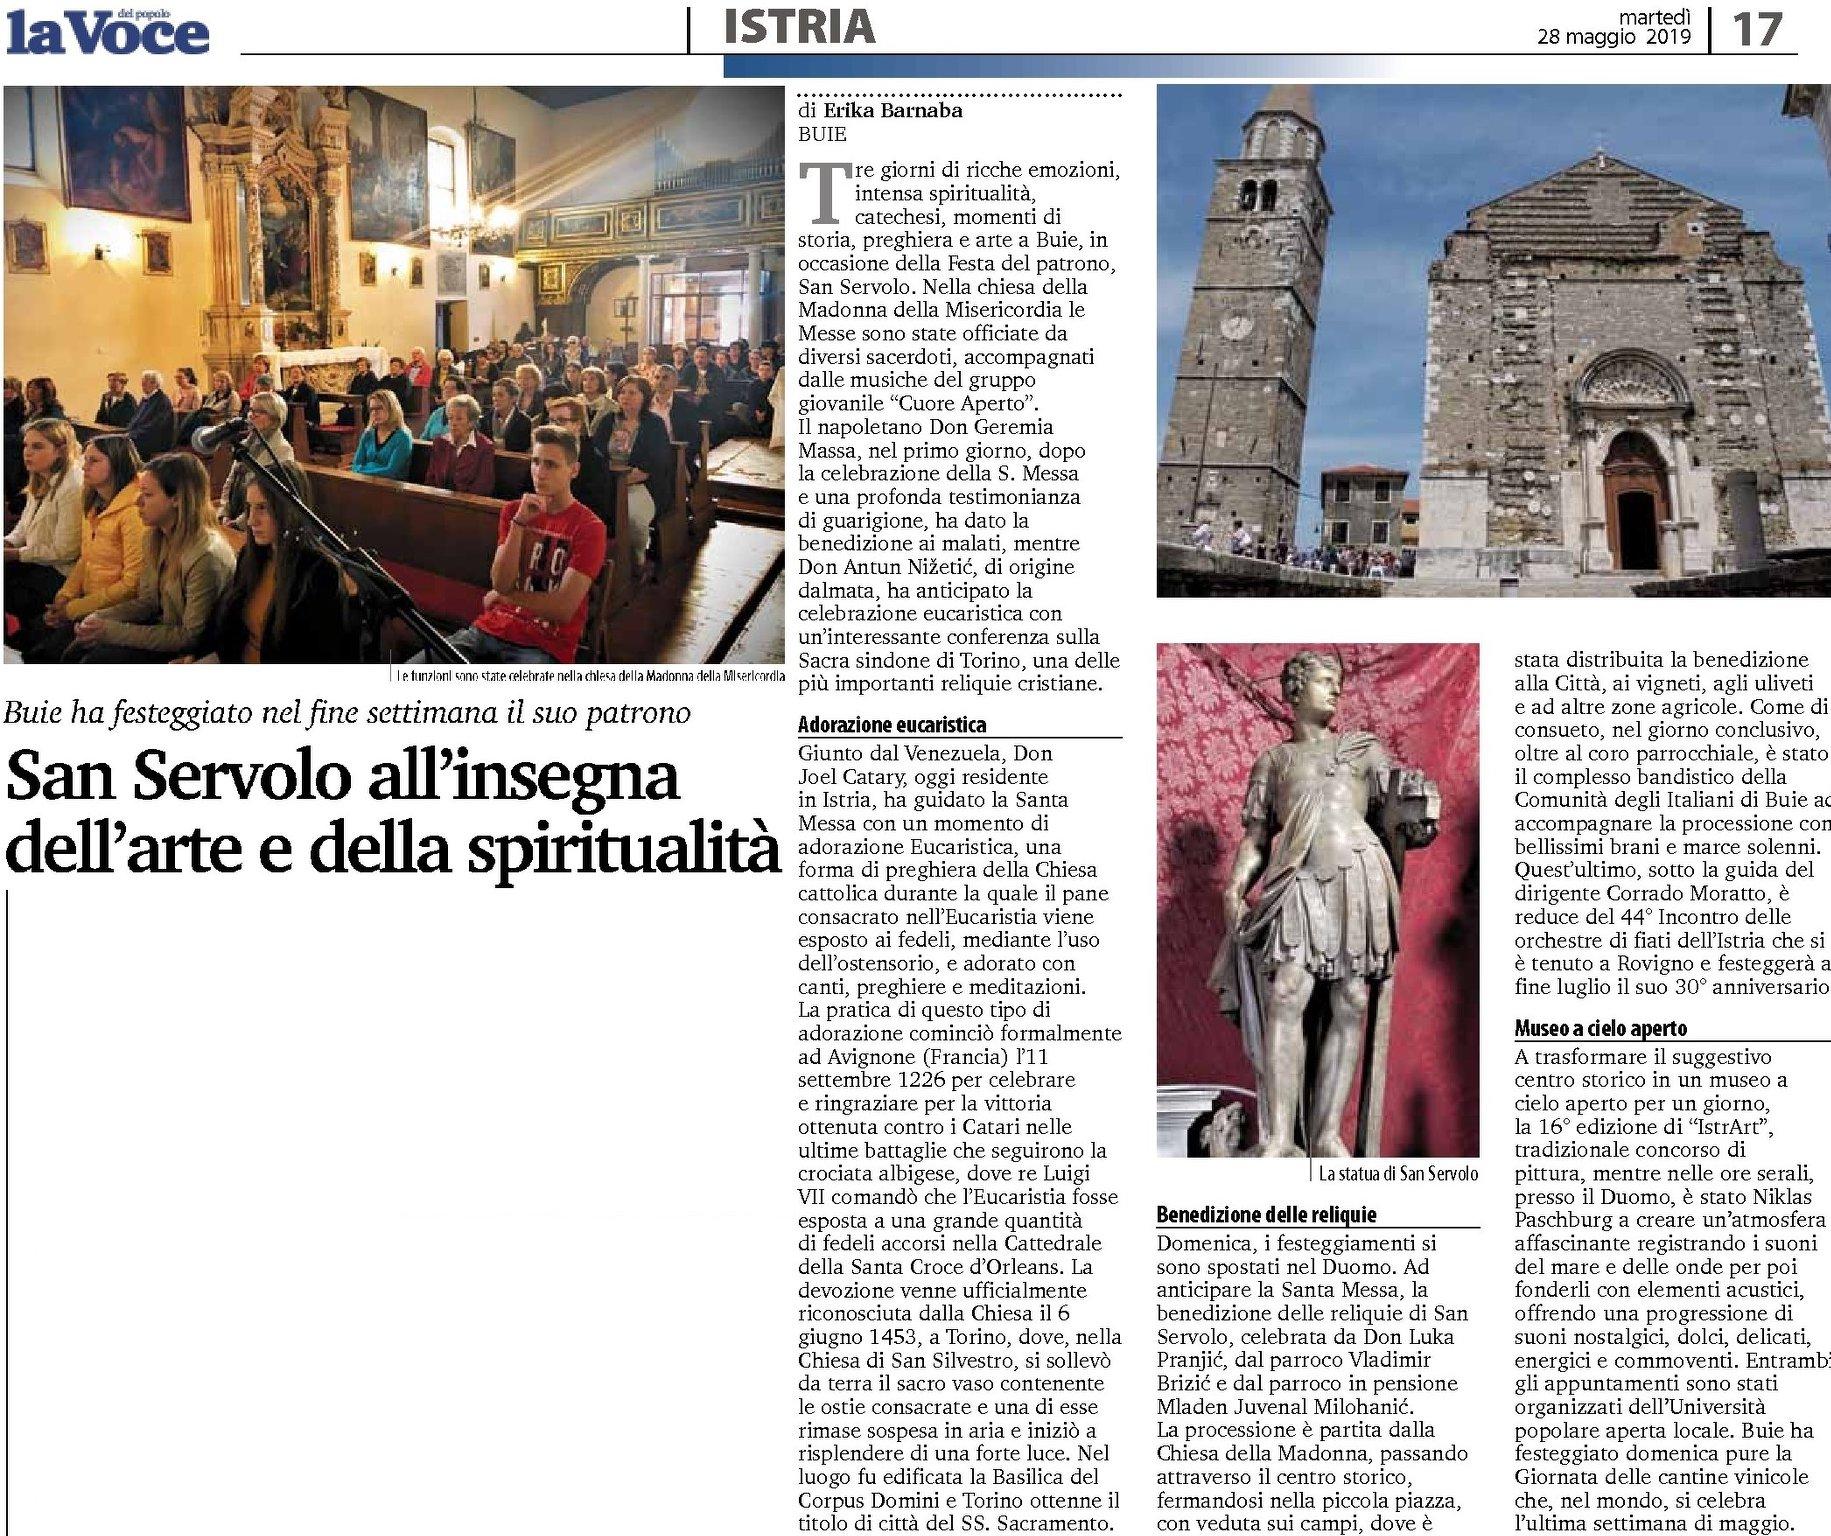 Članak iz La voce1